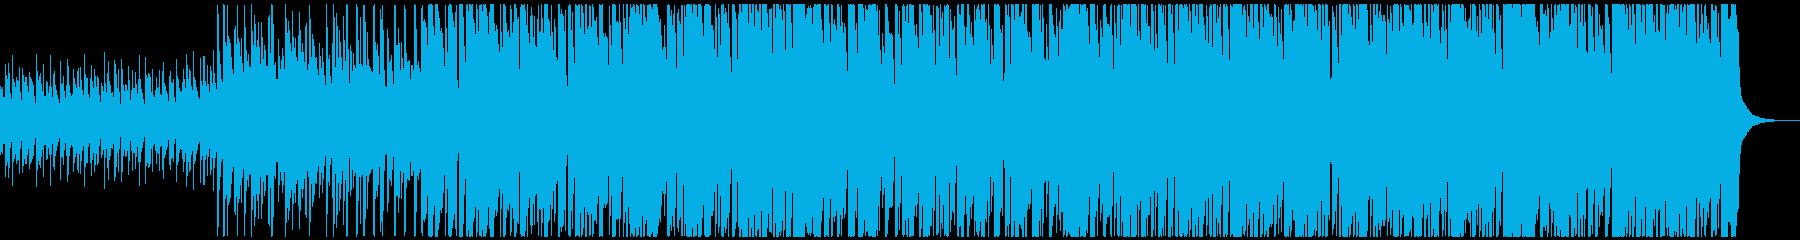 軽快なリズムで刻む晴れ晴れとしたポップスの再生済みの波形